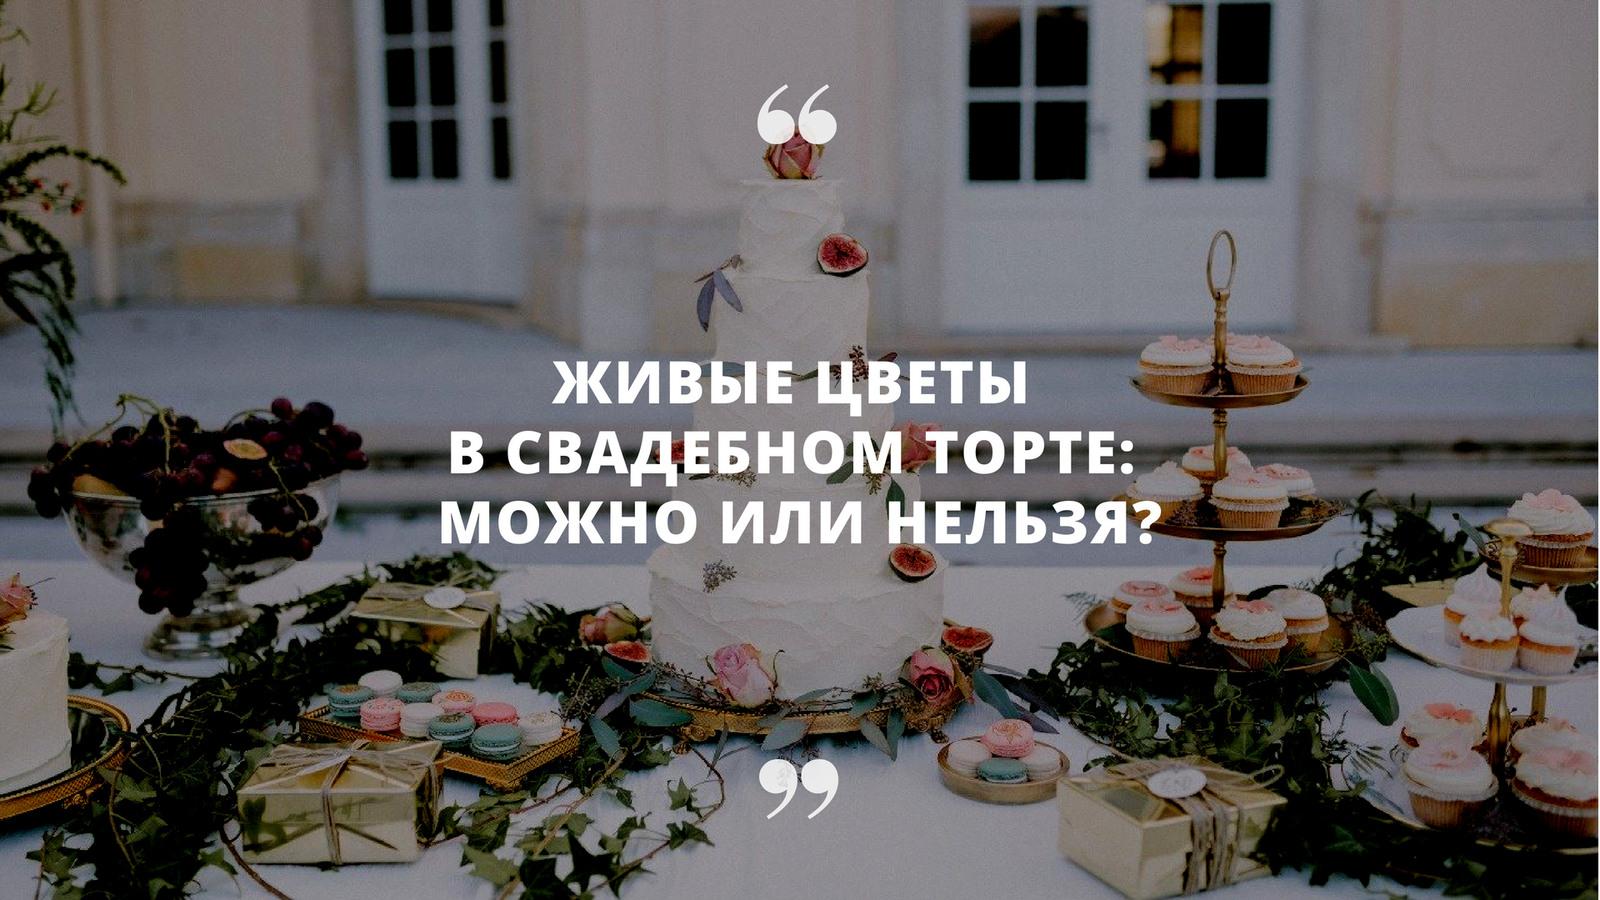 «Можно ли использовать живые цветы в декоре торта?»